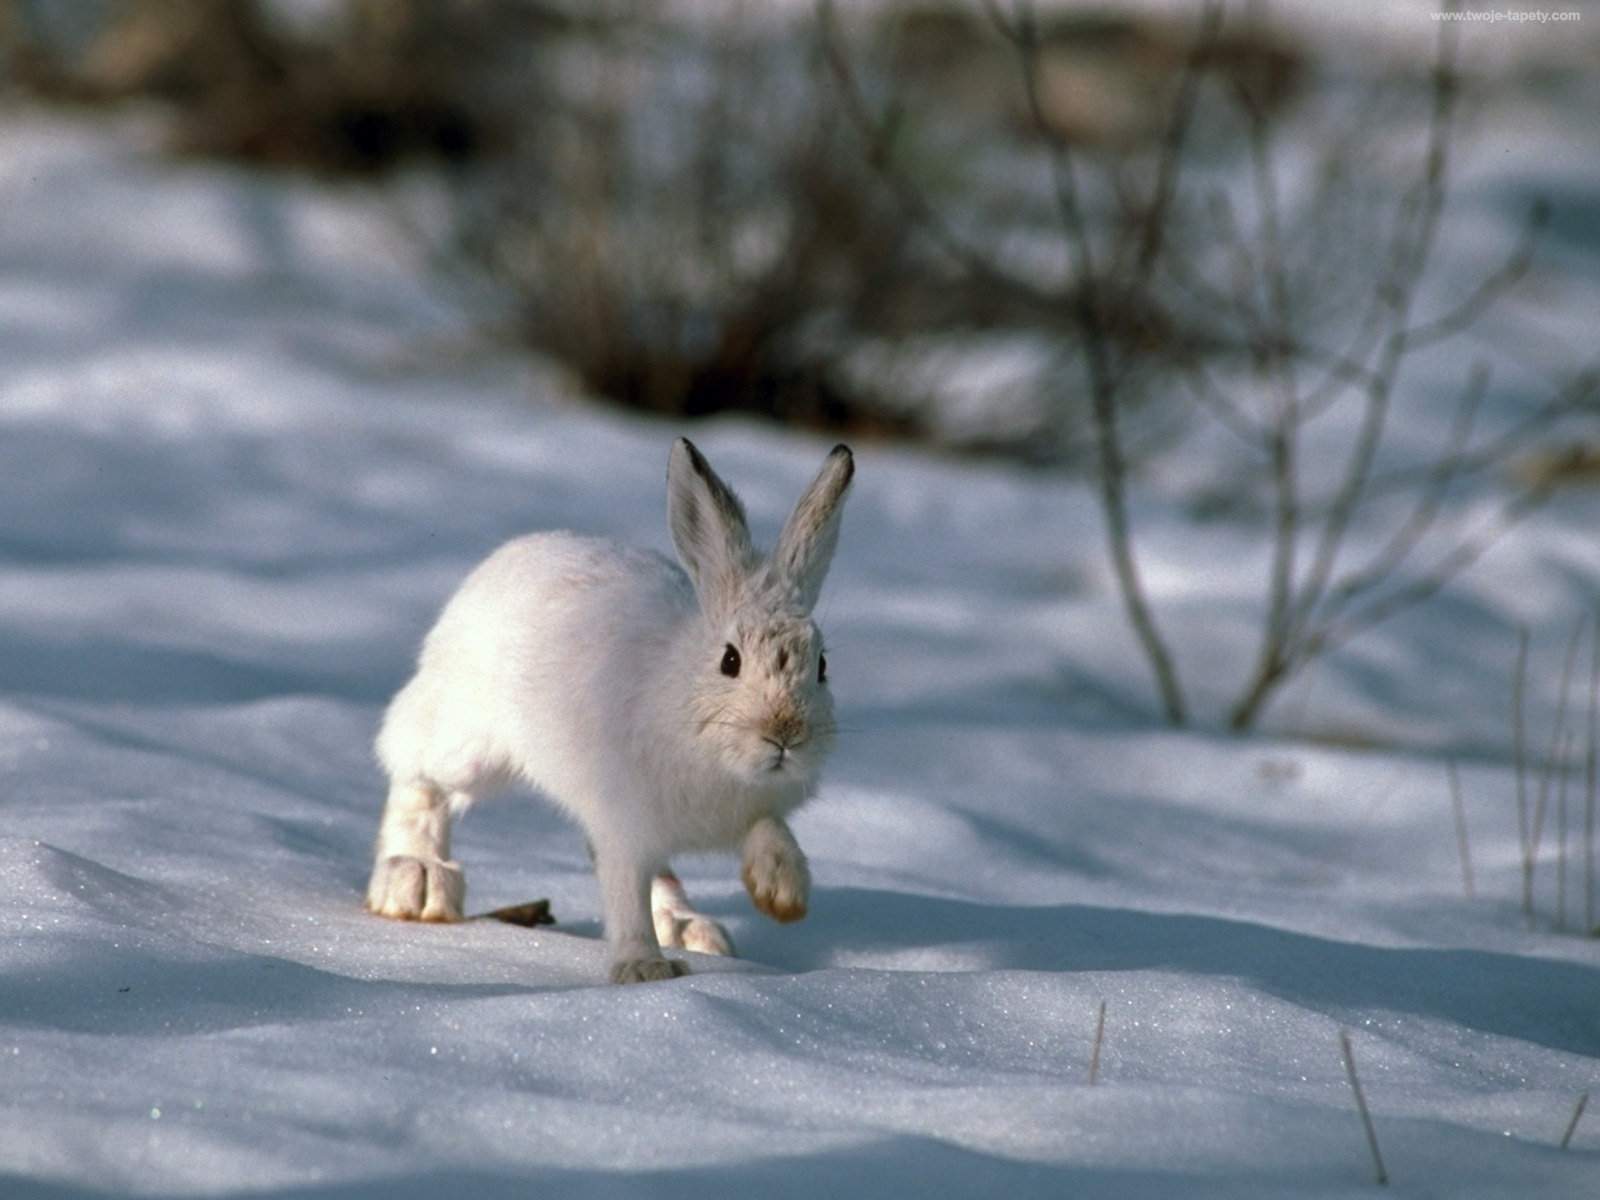 селедочный красивые картинки заяц на снегу имя дал ему